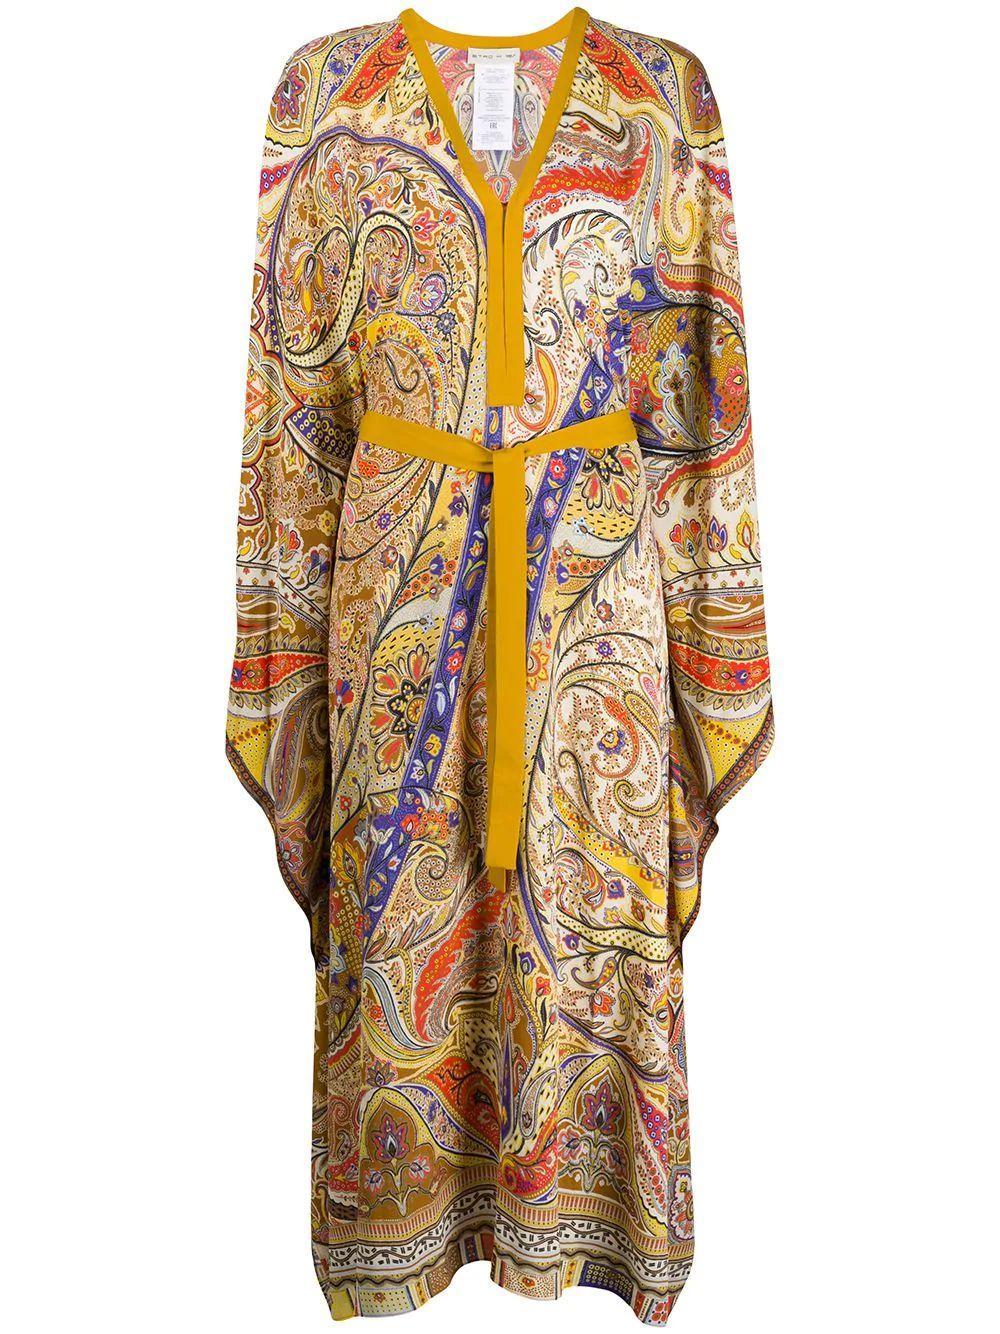 Gelsomino Long Sleeve Printed V- Neck Long Caftan Item # 16310-5446